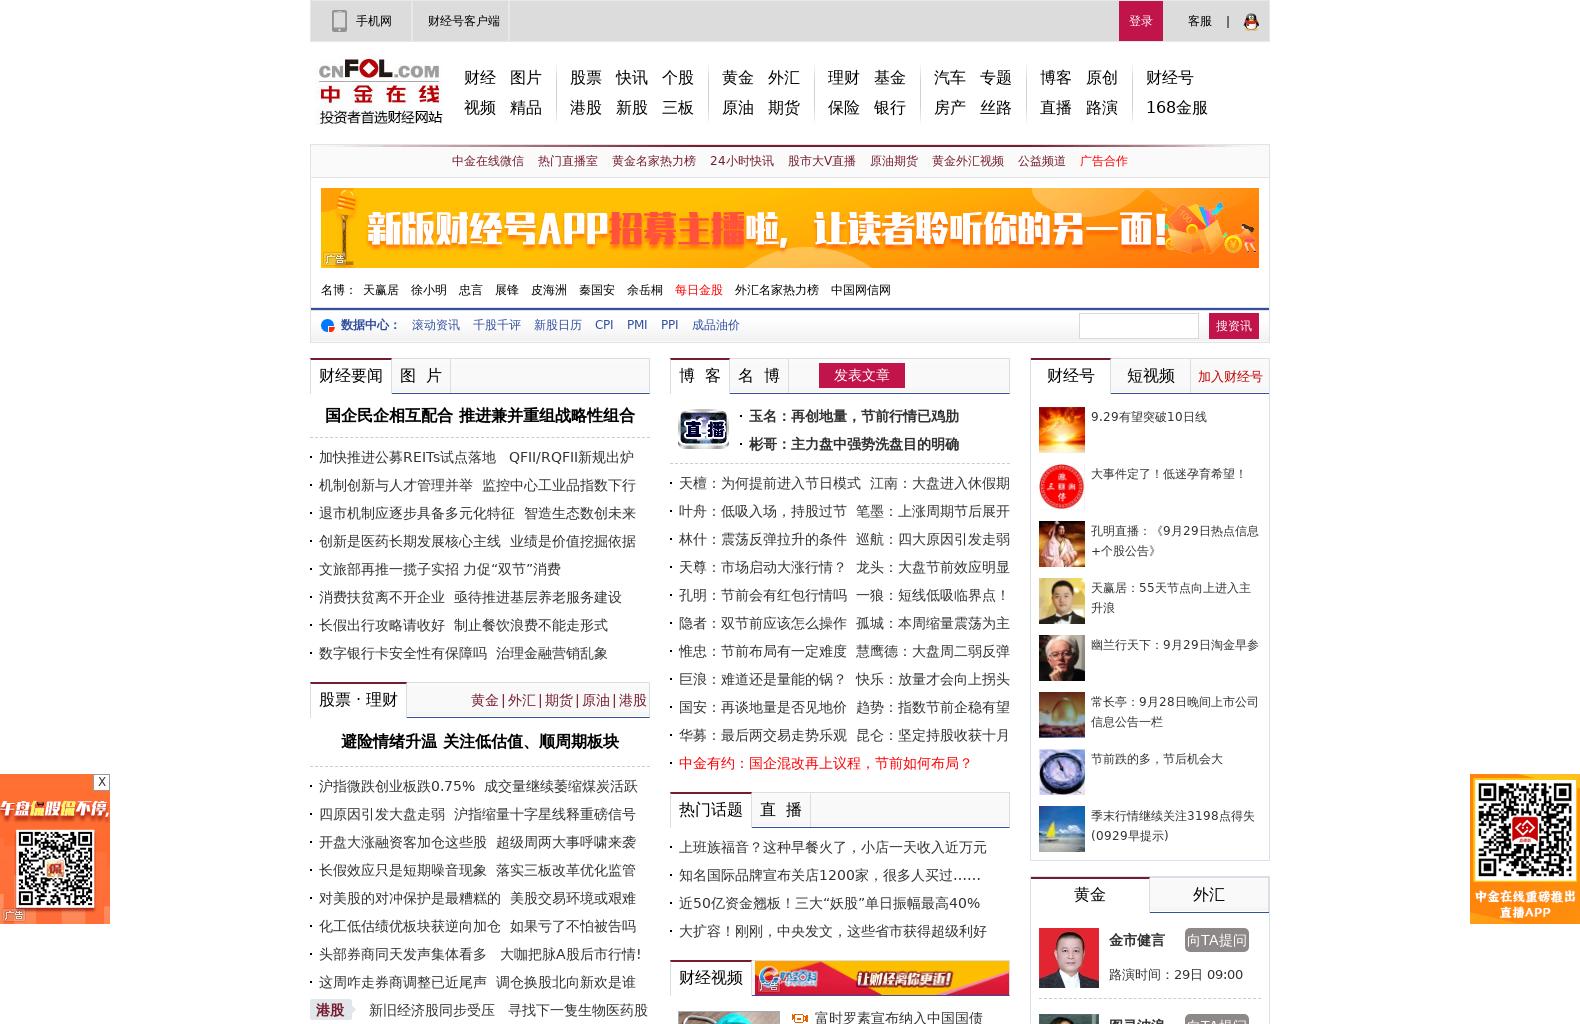 www.cnfol.com的网站截图